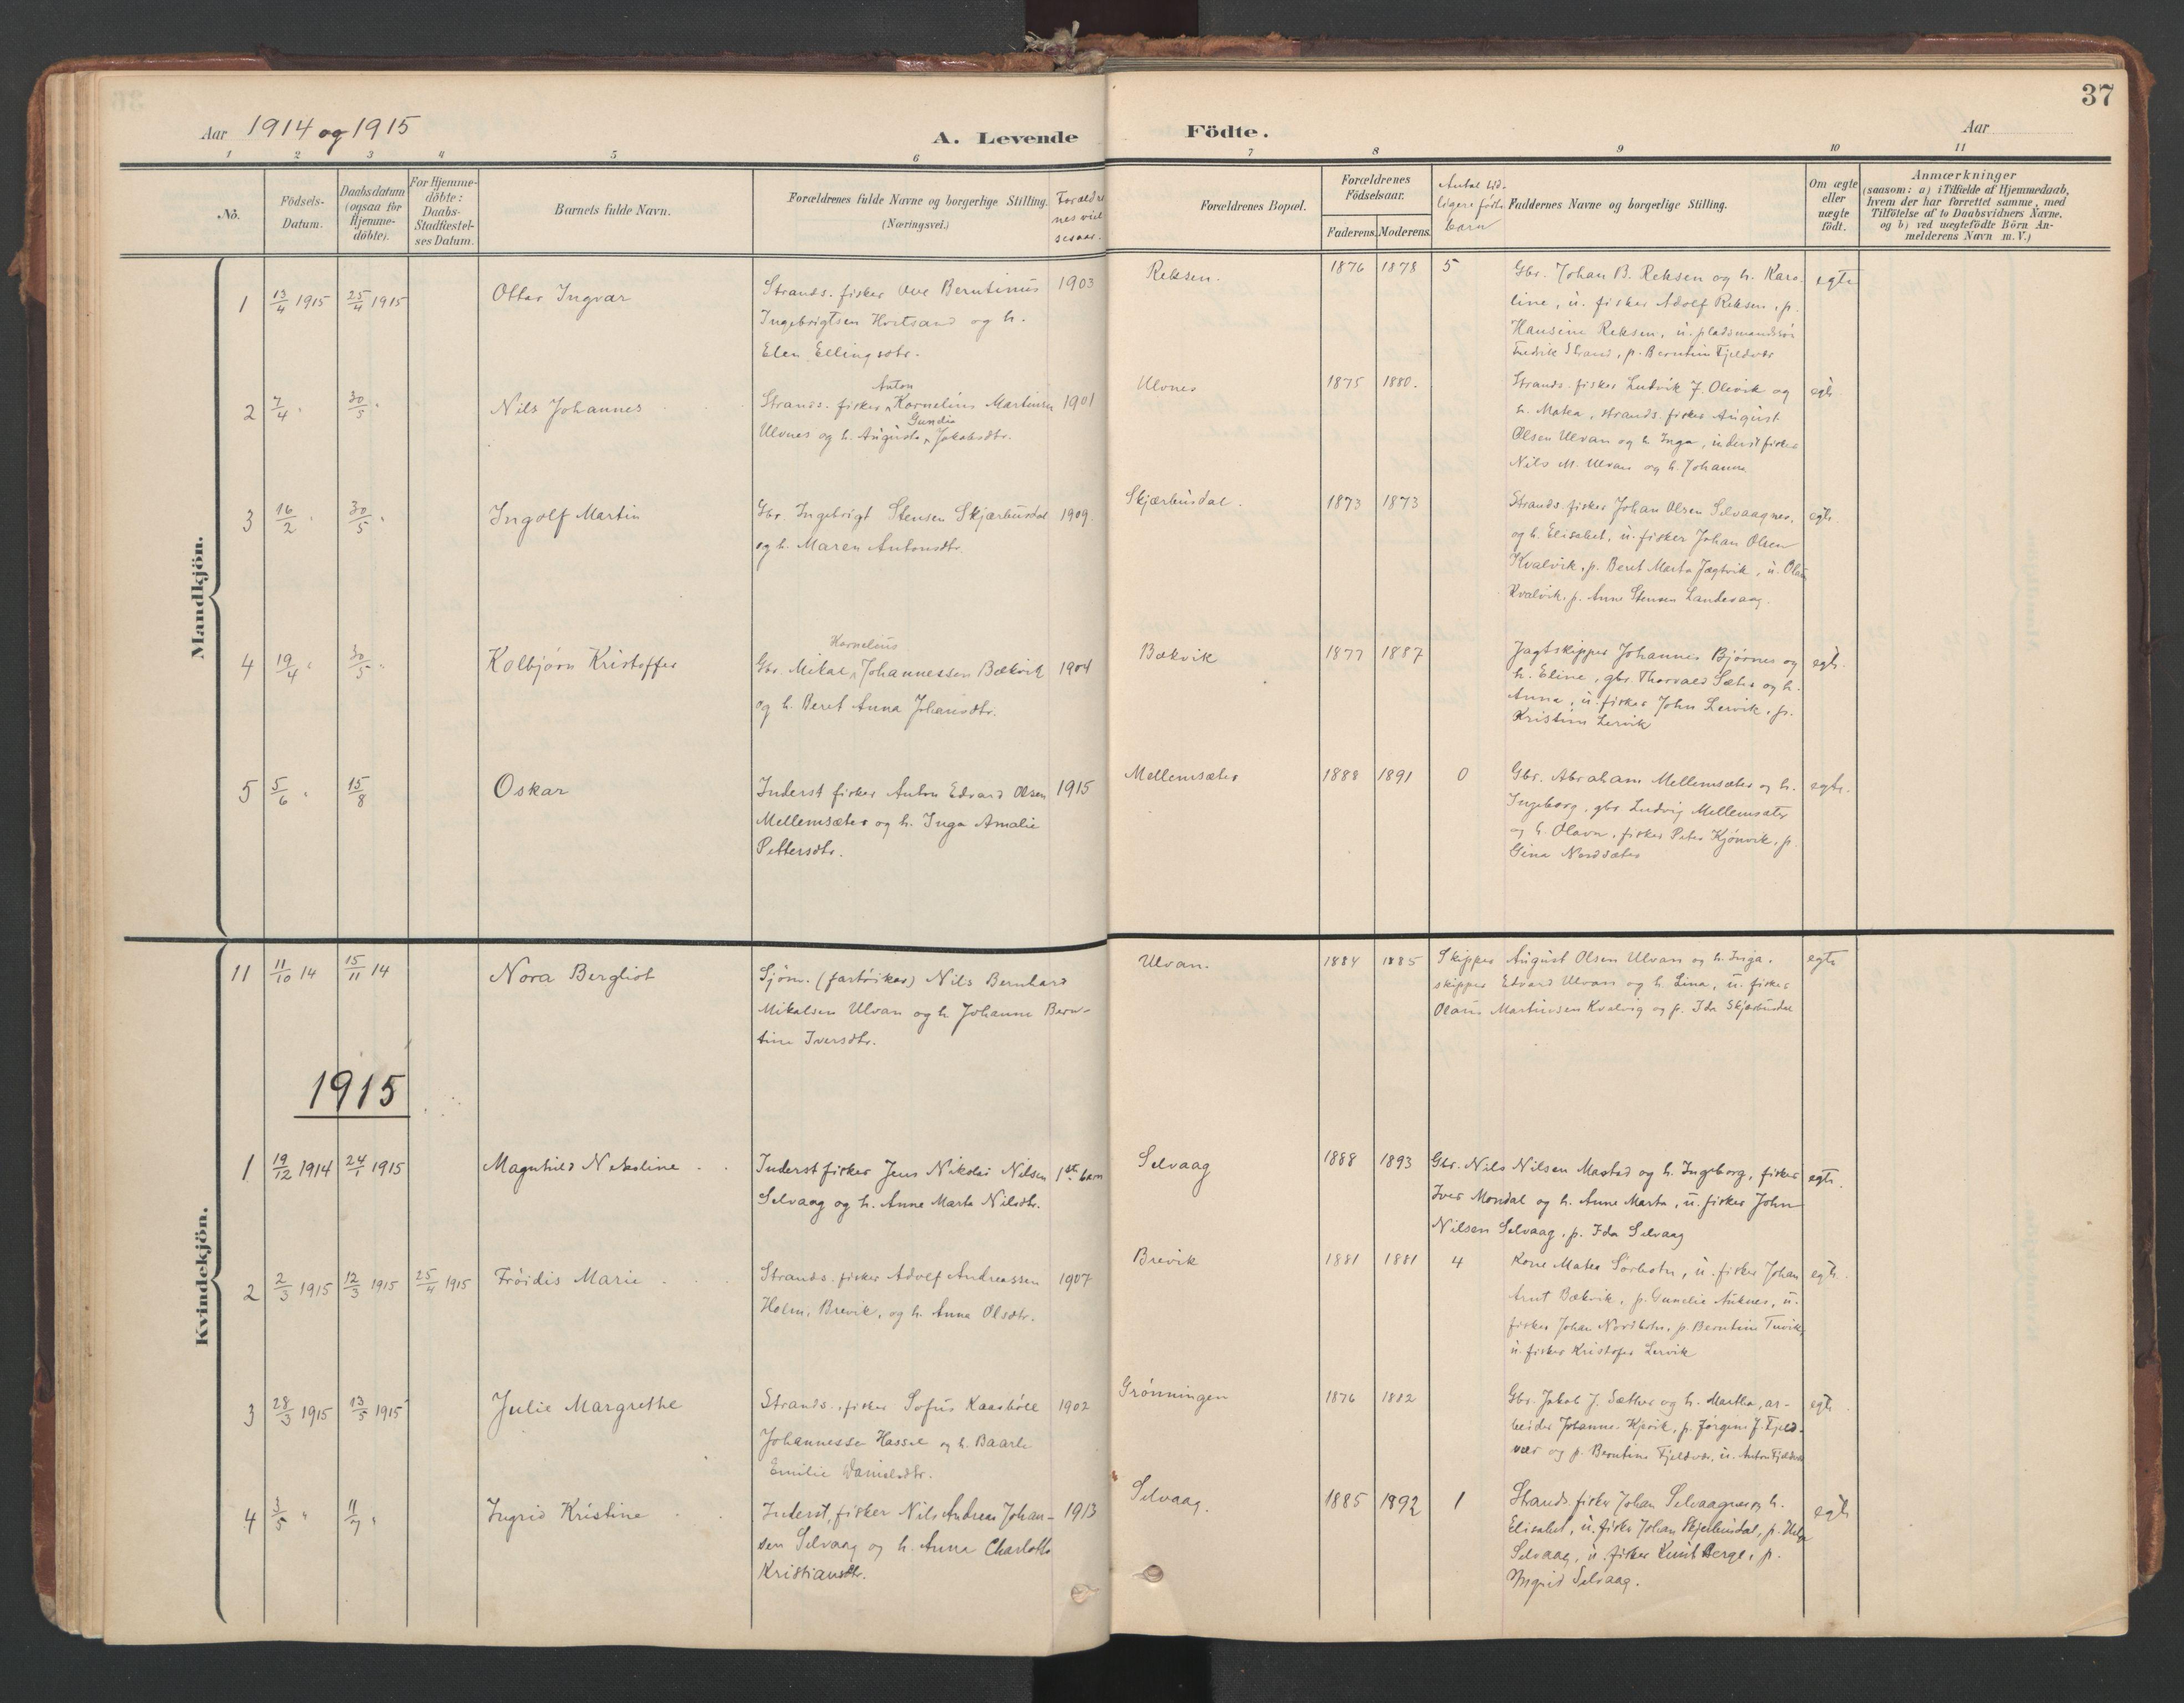 SAT, Ministerialprotokoller, klokkerbøker og fødselsregistre - Sør-Trøndelag, 638/L0568: Ministerialbok nr. 638A01, 1901-1916, s. 37